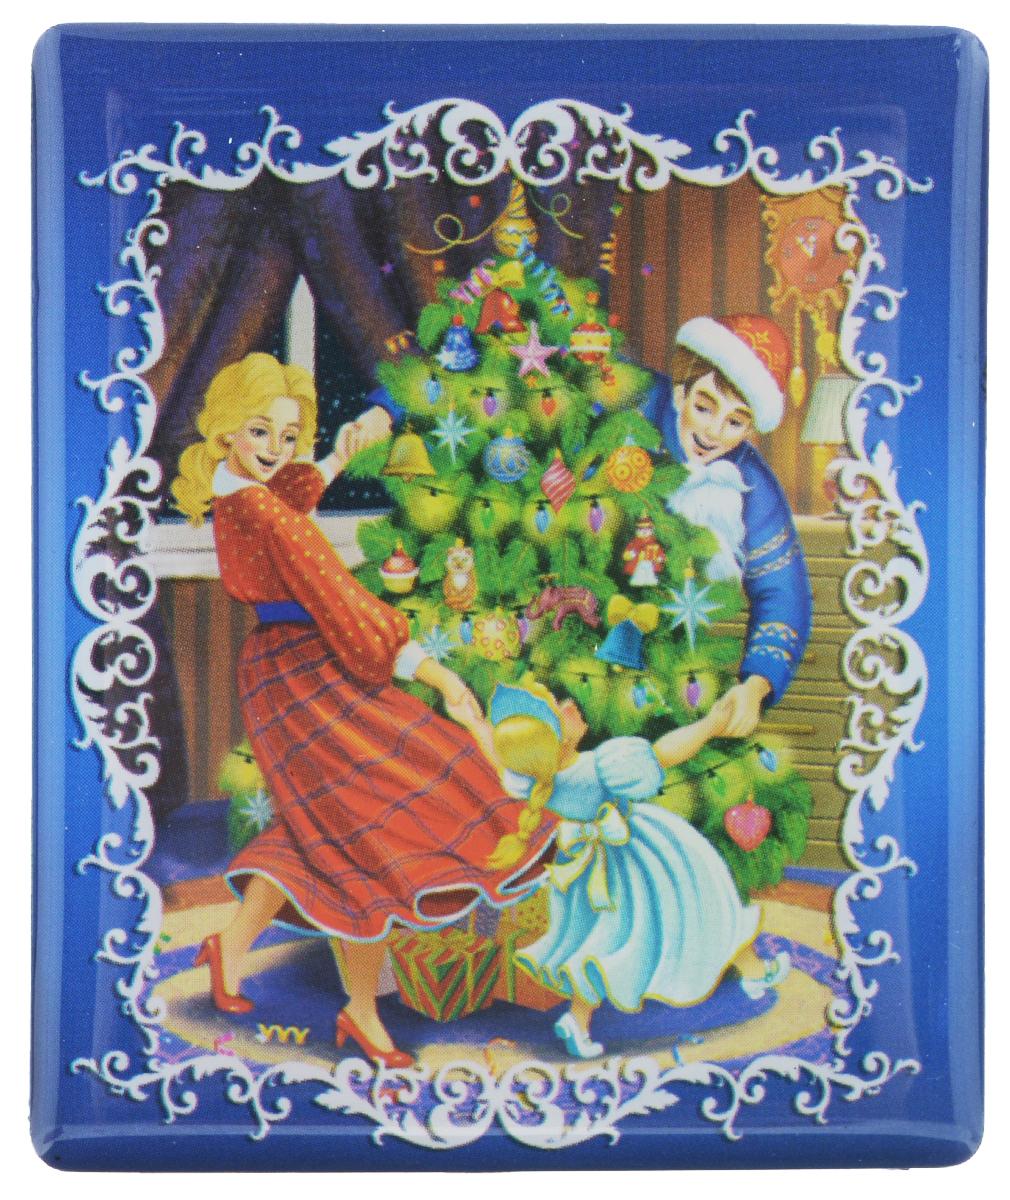 Магнит Феникс-презент Счастливая семья, 6 х 5 смБрелок для ключейМагнит прямоугольной формы Феникс-презент Счастливая семья, выполненный из агломерированного феррита, станет приятным штрихом в повседневной жизни. Оригинальный магнит, декорированный изображением семьи, кружащейся вокруг елки, поможет вам украсить не только холодильник, но и любую другую магнитную поверхность. Материал: агломерированный феррит.